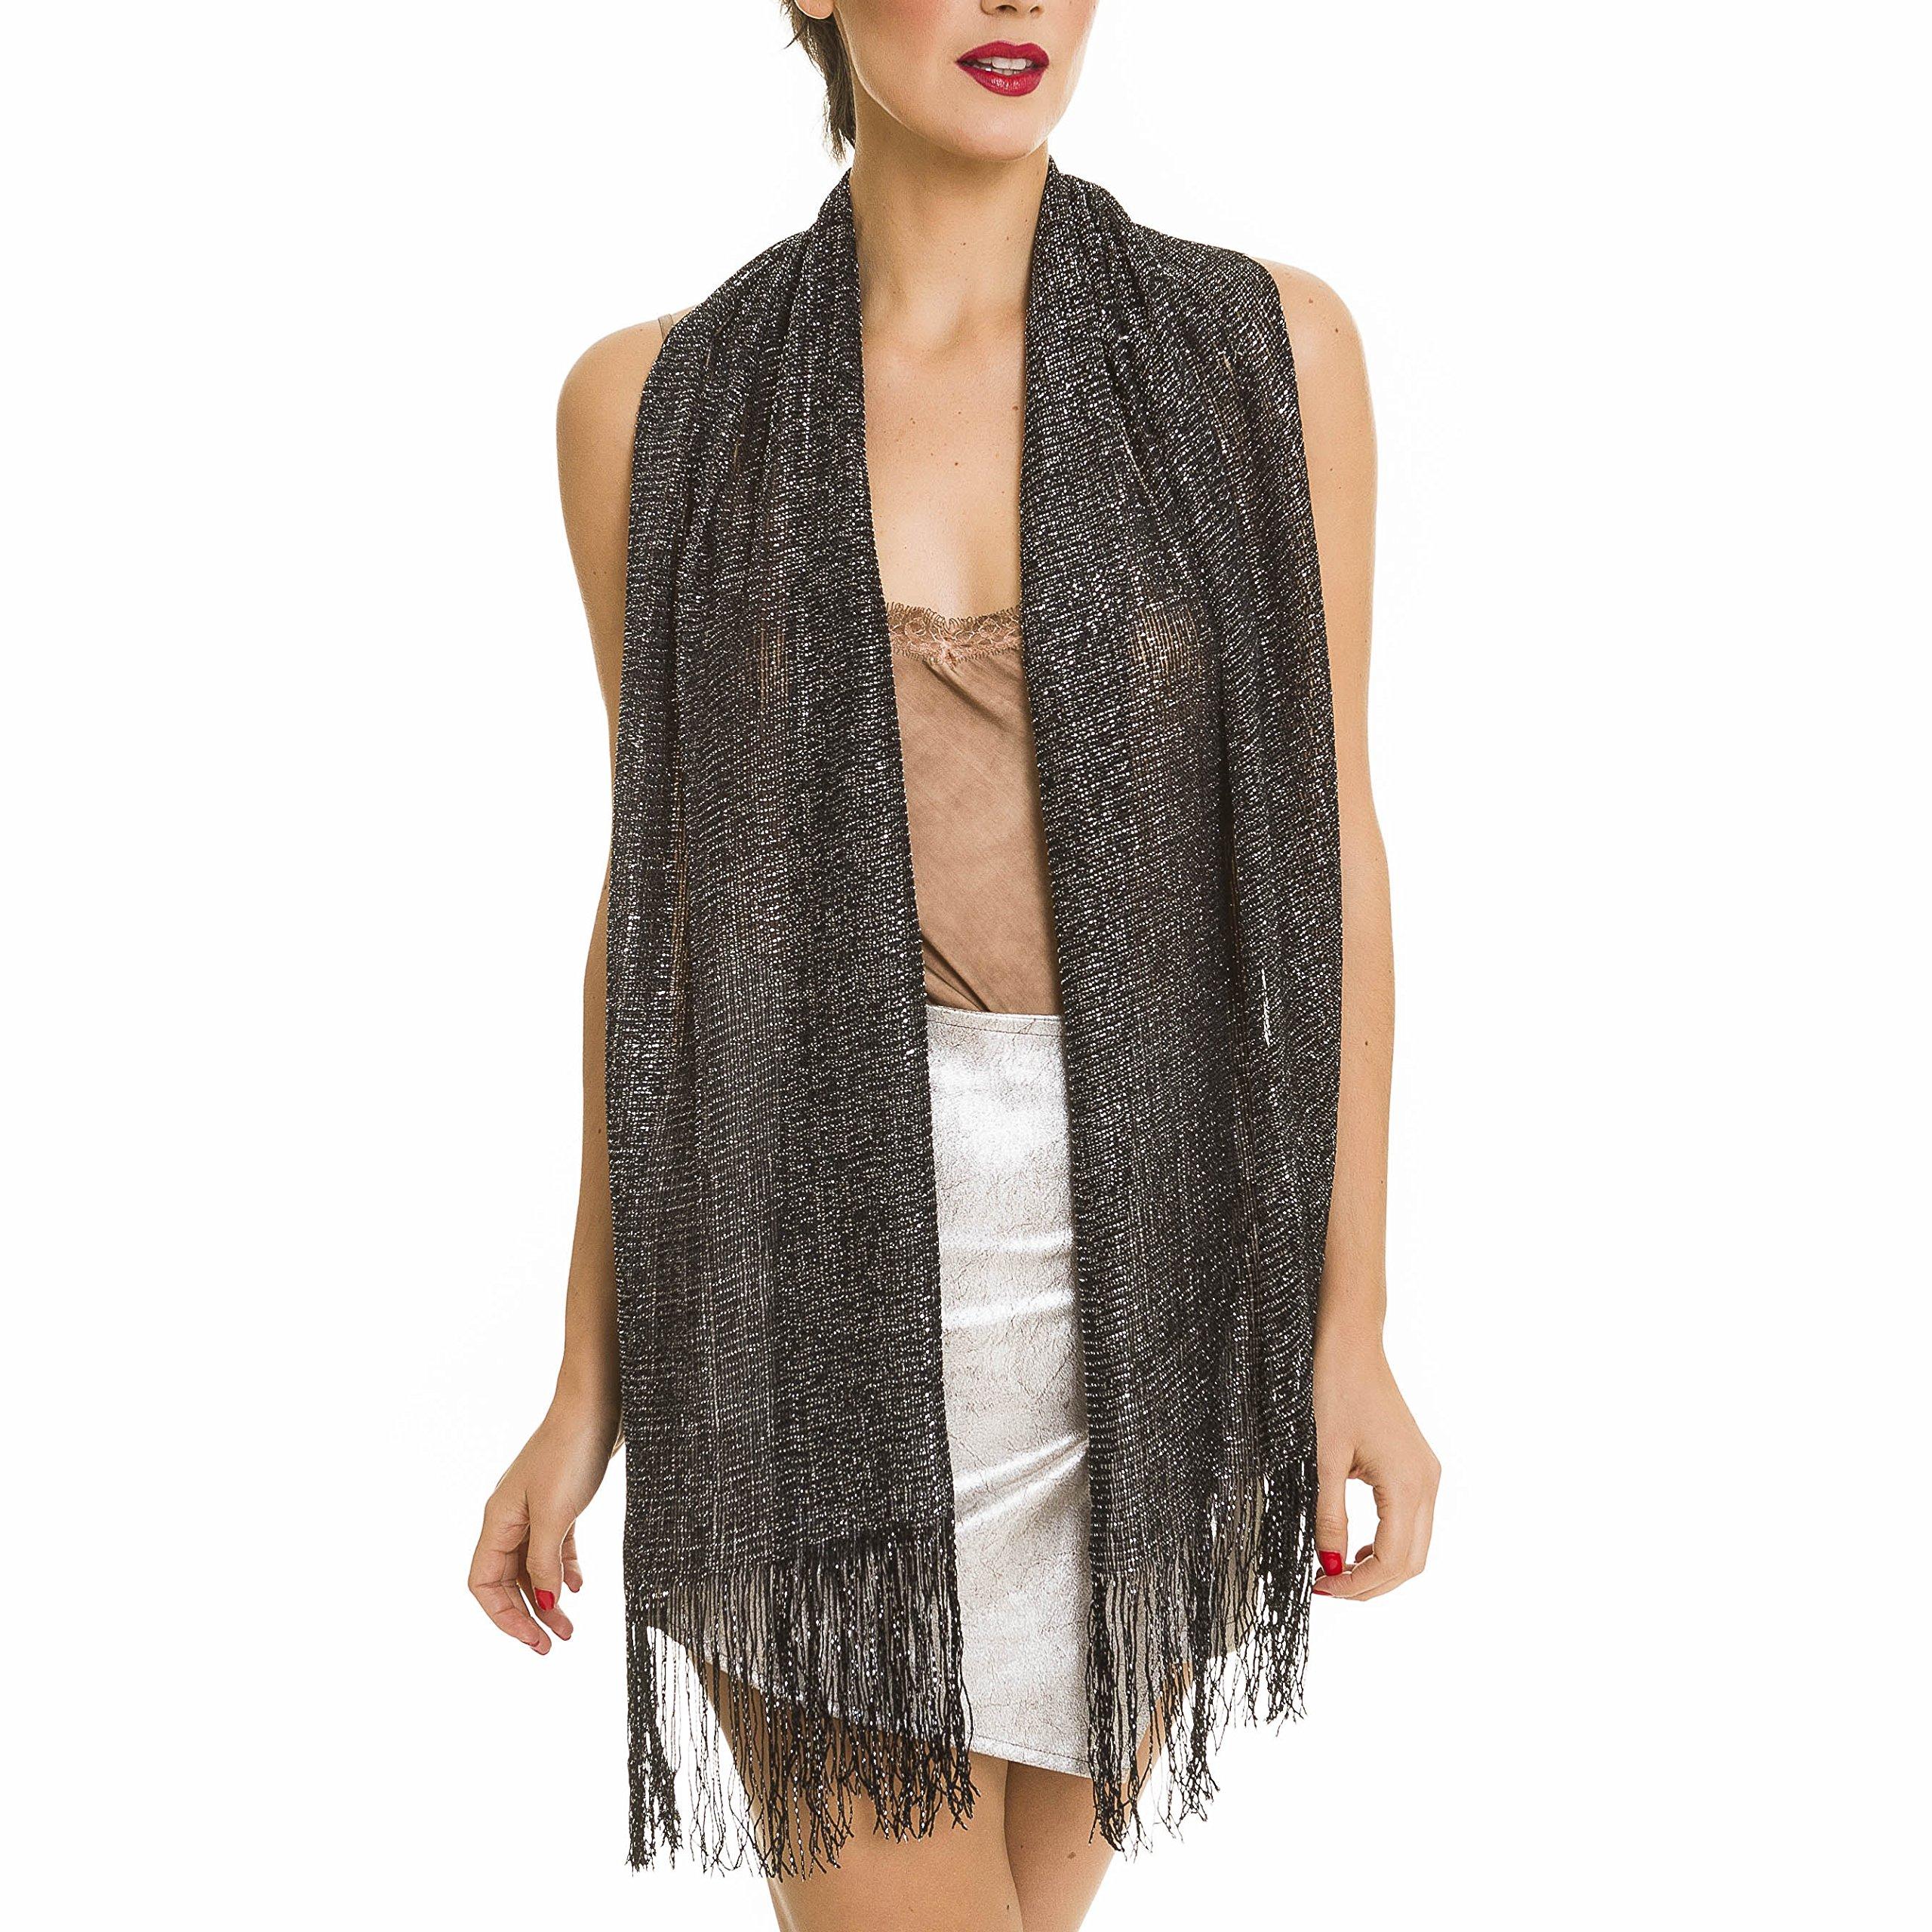 Shawl Wrap Fashion Scarf for Women Summer Fall: Evening Dresses, Wedding, Party, Bridal (Black)